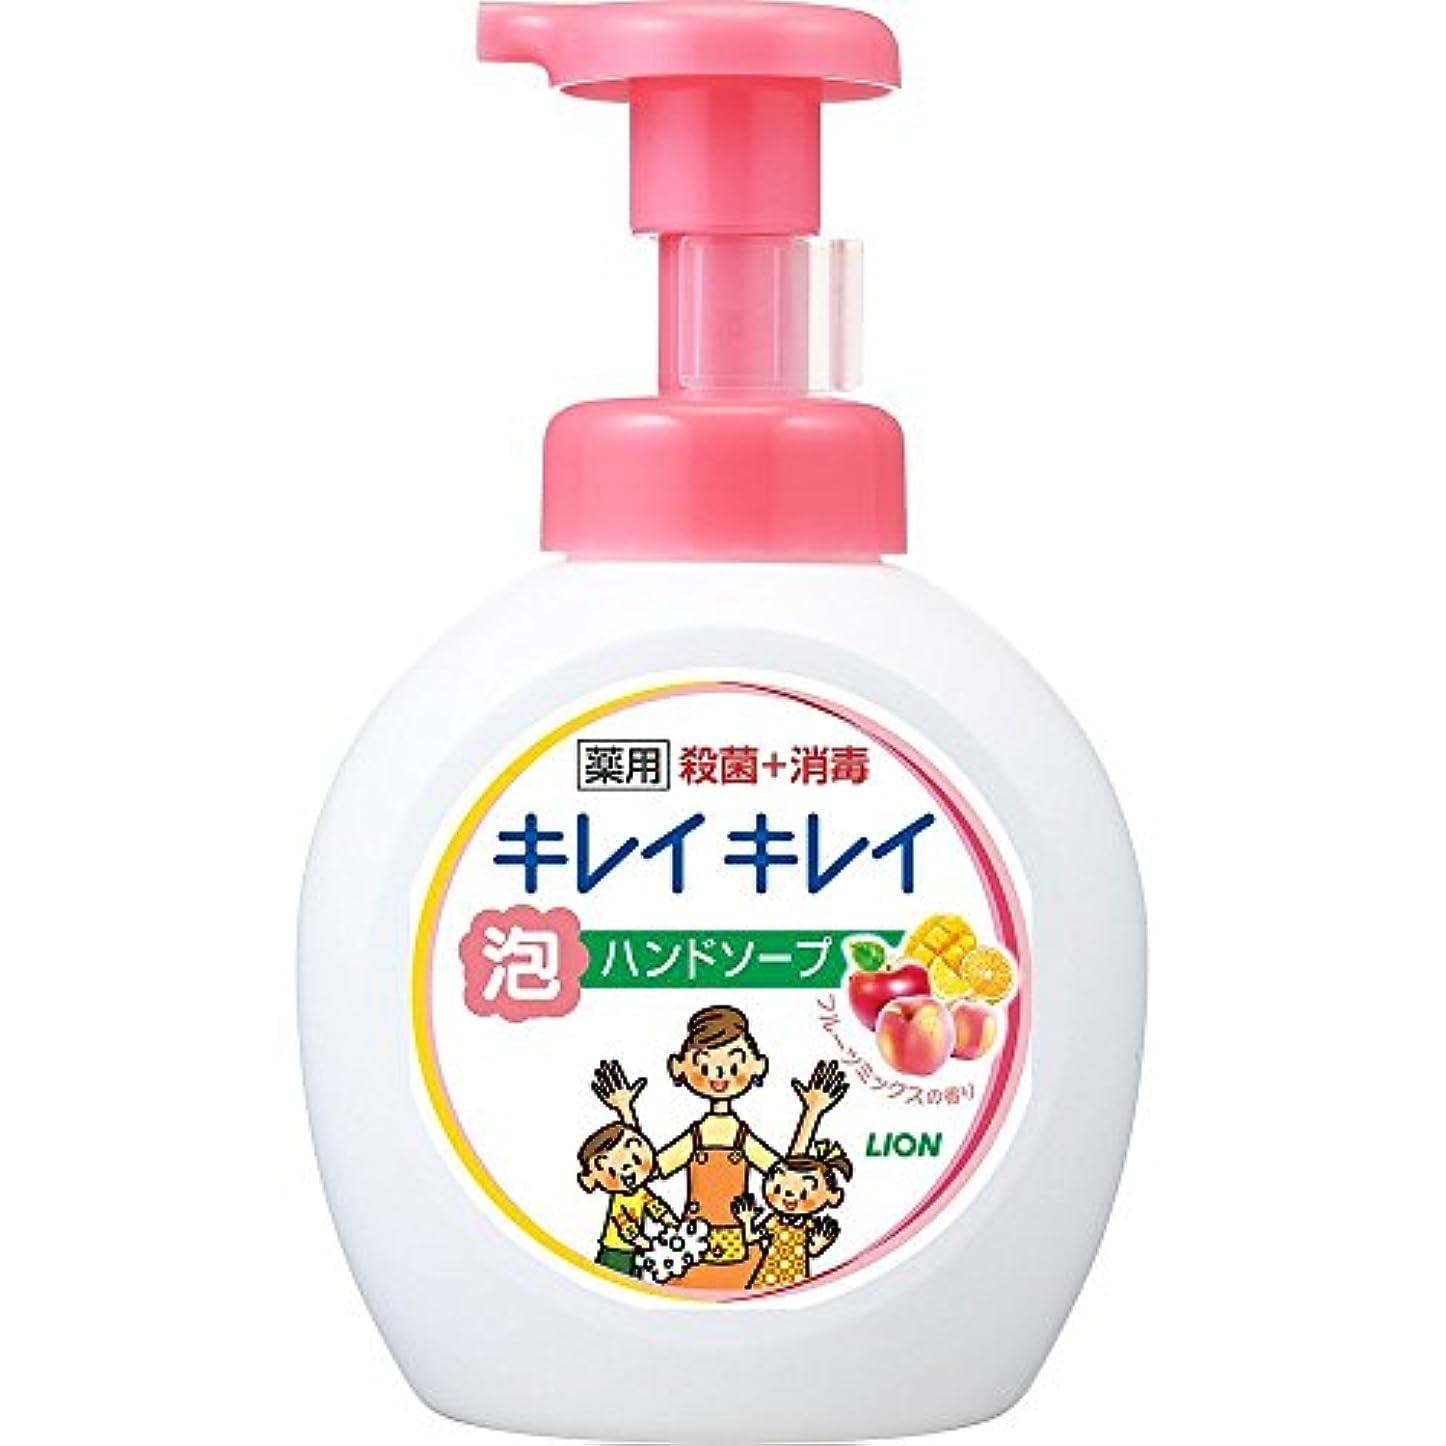 文明化する不名誉な自分キレイキレイ 薬用 泡ハンドソープ フルーツミックスの香り 本体ポンプ 大型サイズ 500ml(医薬部外品)